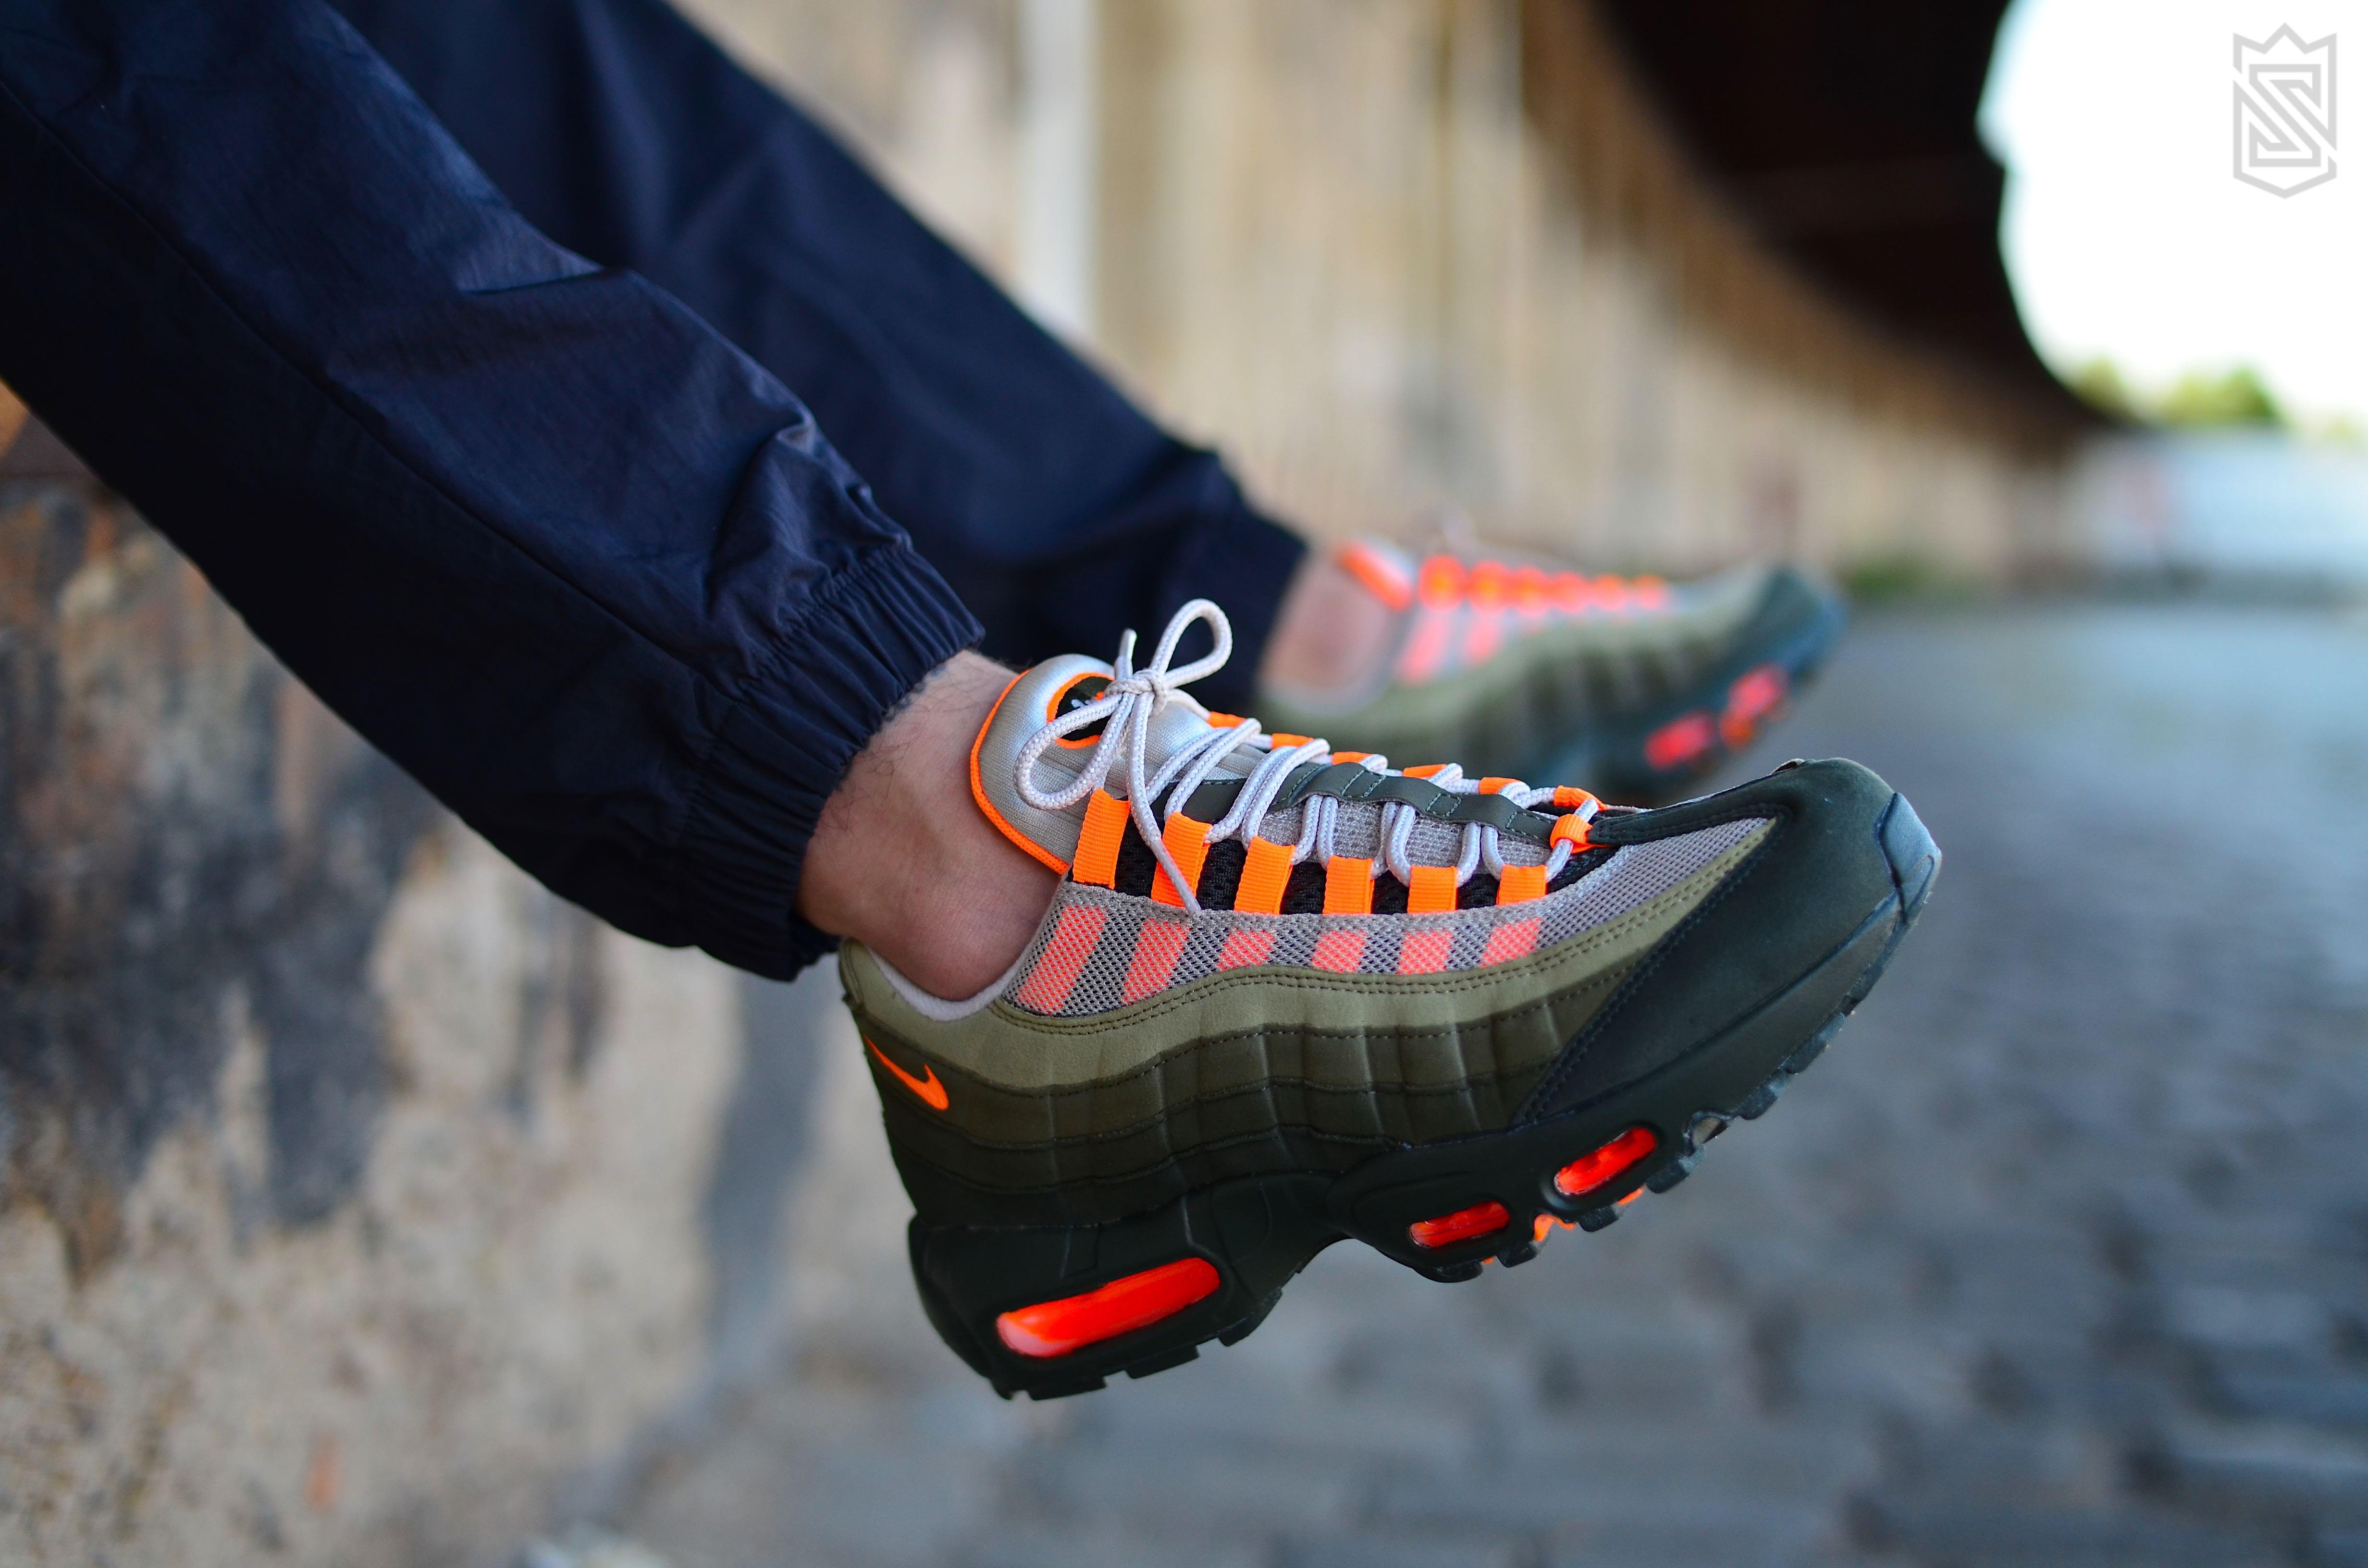 Nike Air Max 95 OG – Schrittmacher Sneakerhandlung